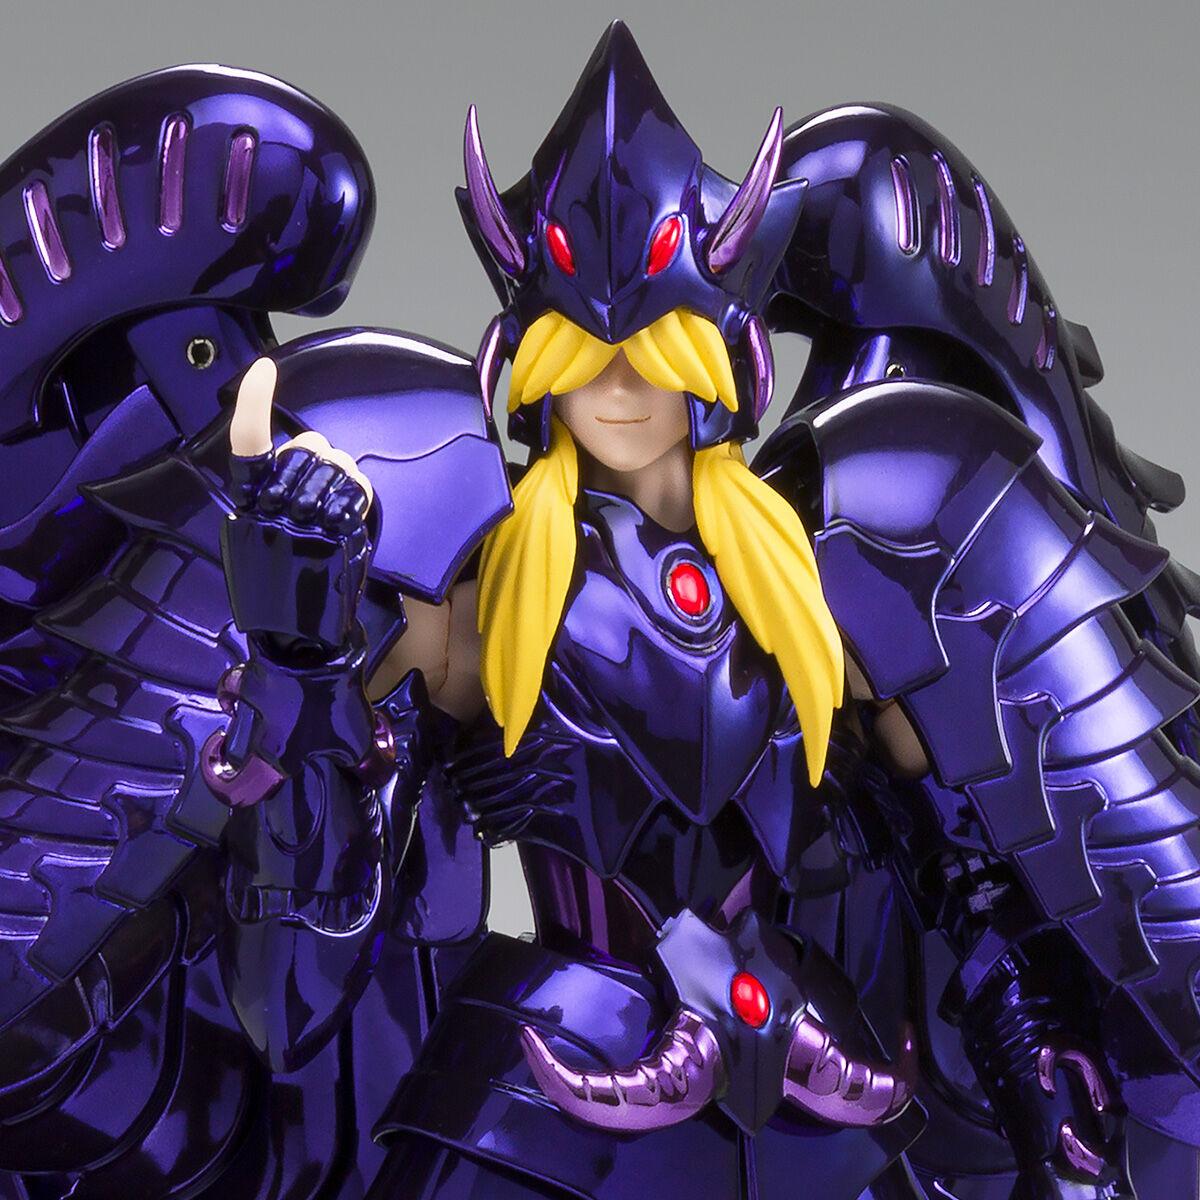 【限定販売】聖闘士聖衣神話EX『グリフォンミーノス ~ORIGINAL COLOR EDITION~』可動フィギュア-001